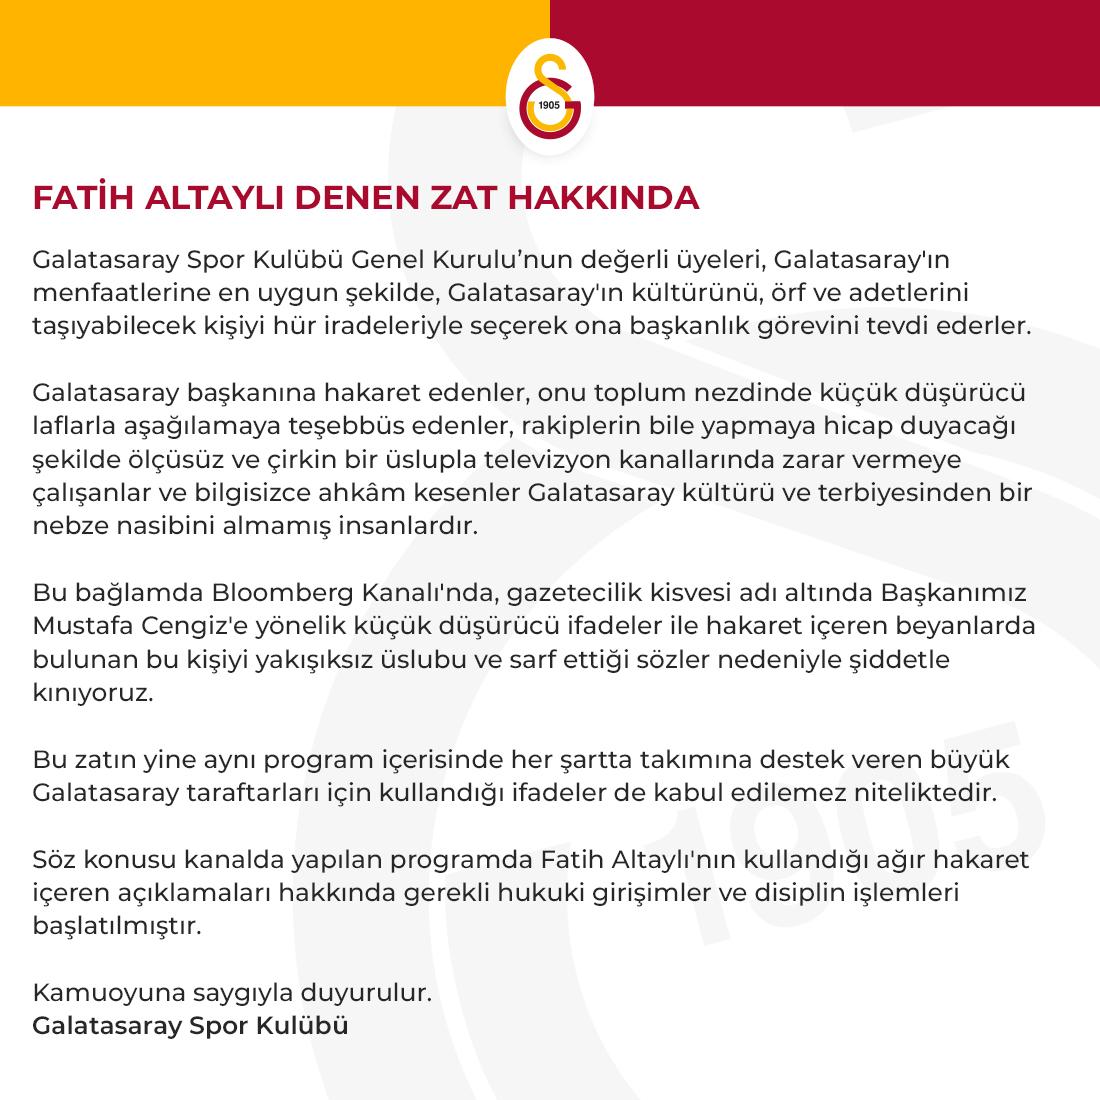 Galatasaray'ın paylaşımı